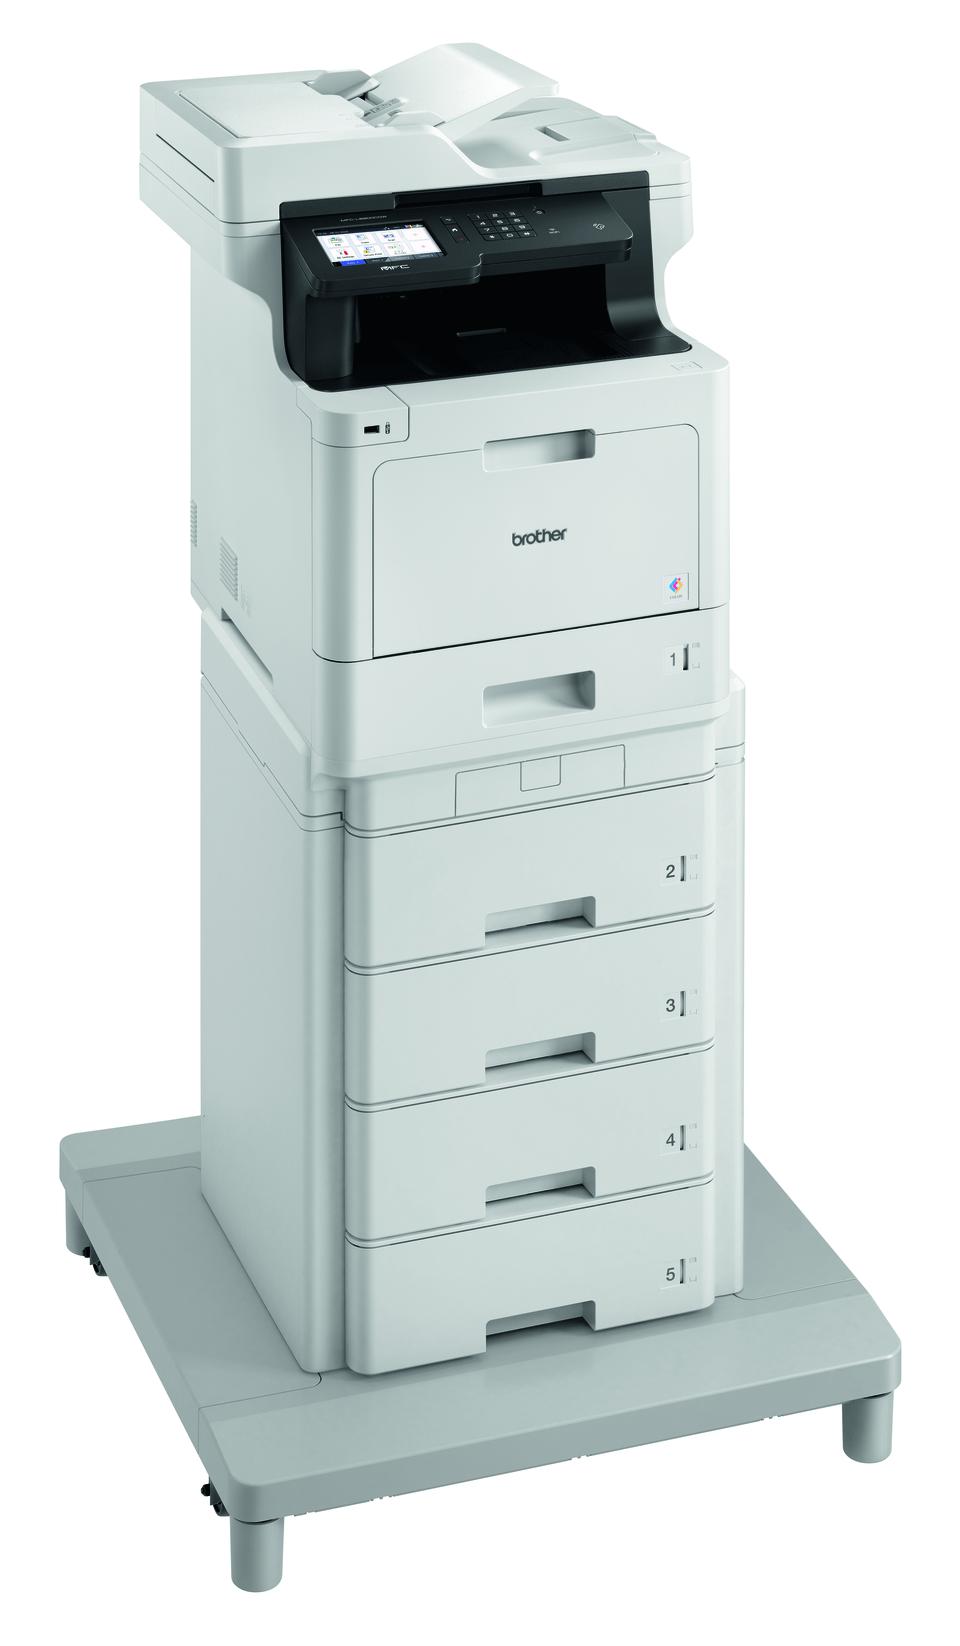 Brotherin langaton MFC-L8900CDWMT värilasermonitoimilaite paperitornilla ja liitäntäyksiköllä 3